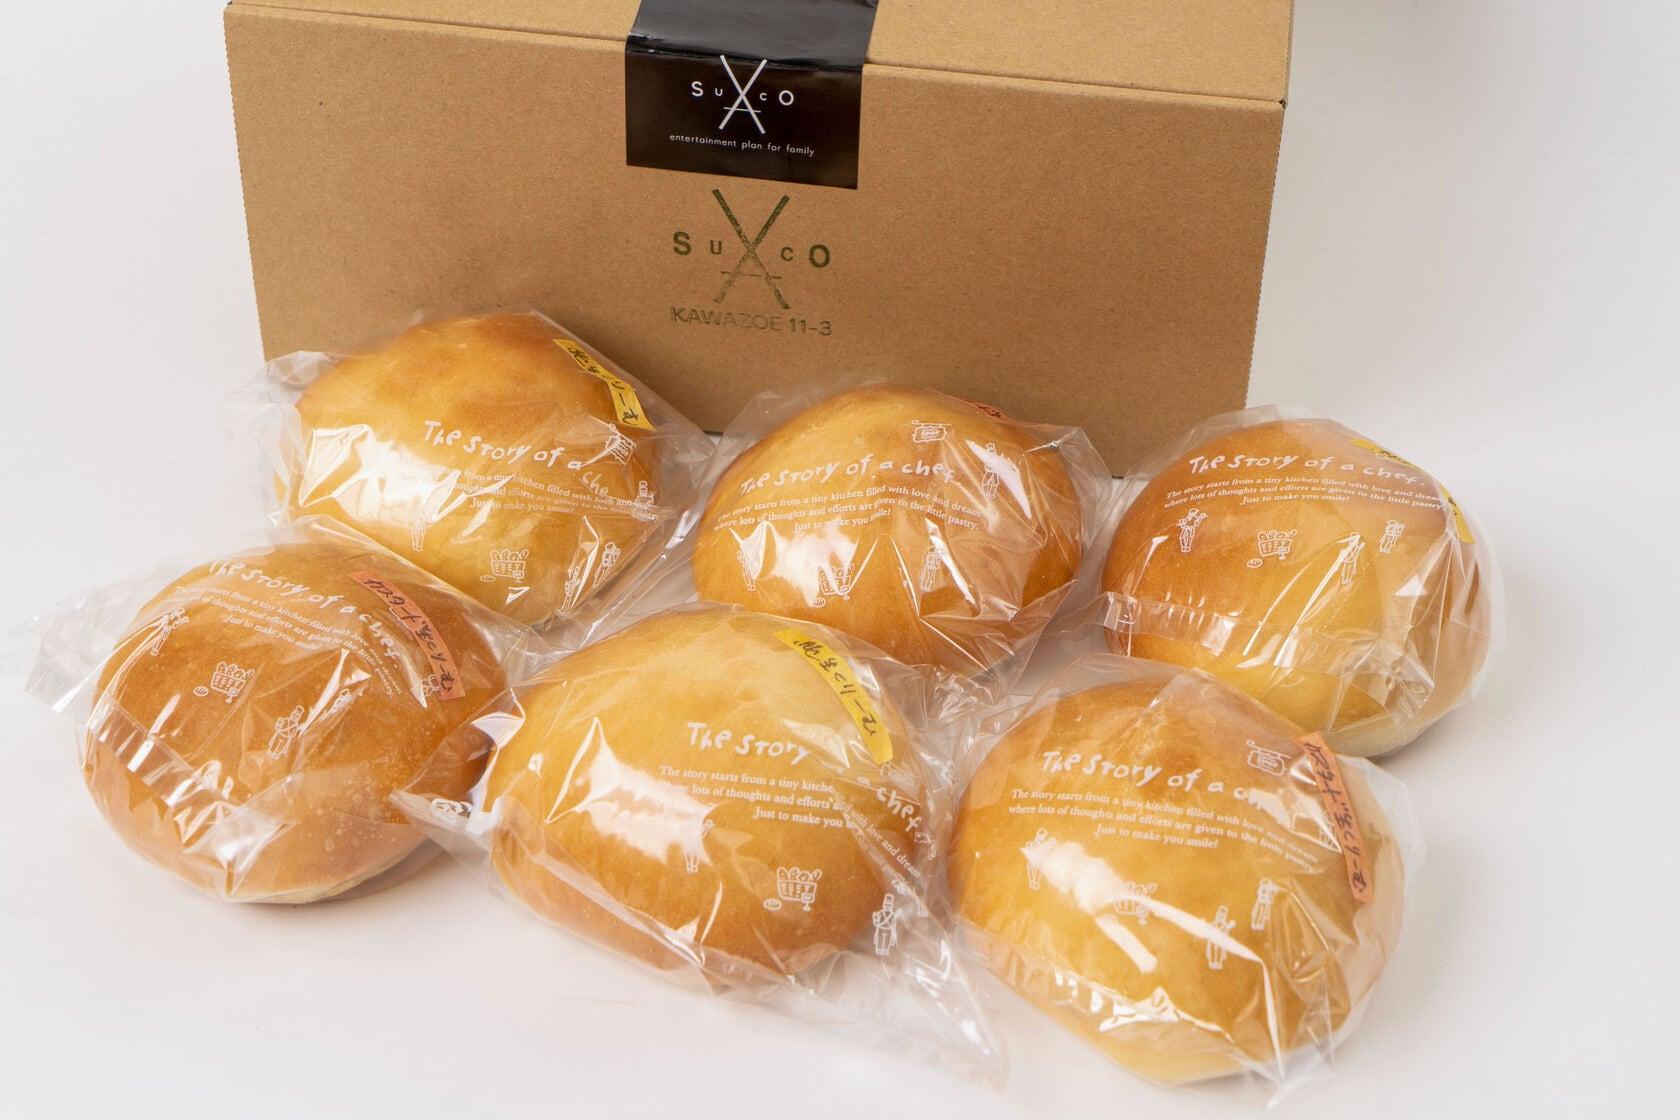 cafe SUVACO(スバコ)の通販・お取り寄せ生クリームパン,まるでシュークリーム!?生くりーむパン二種セット